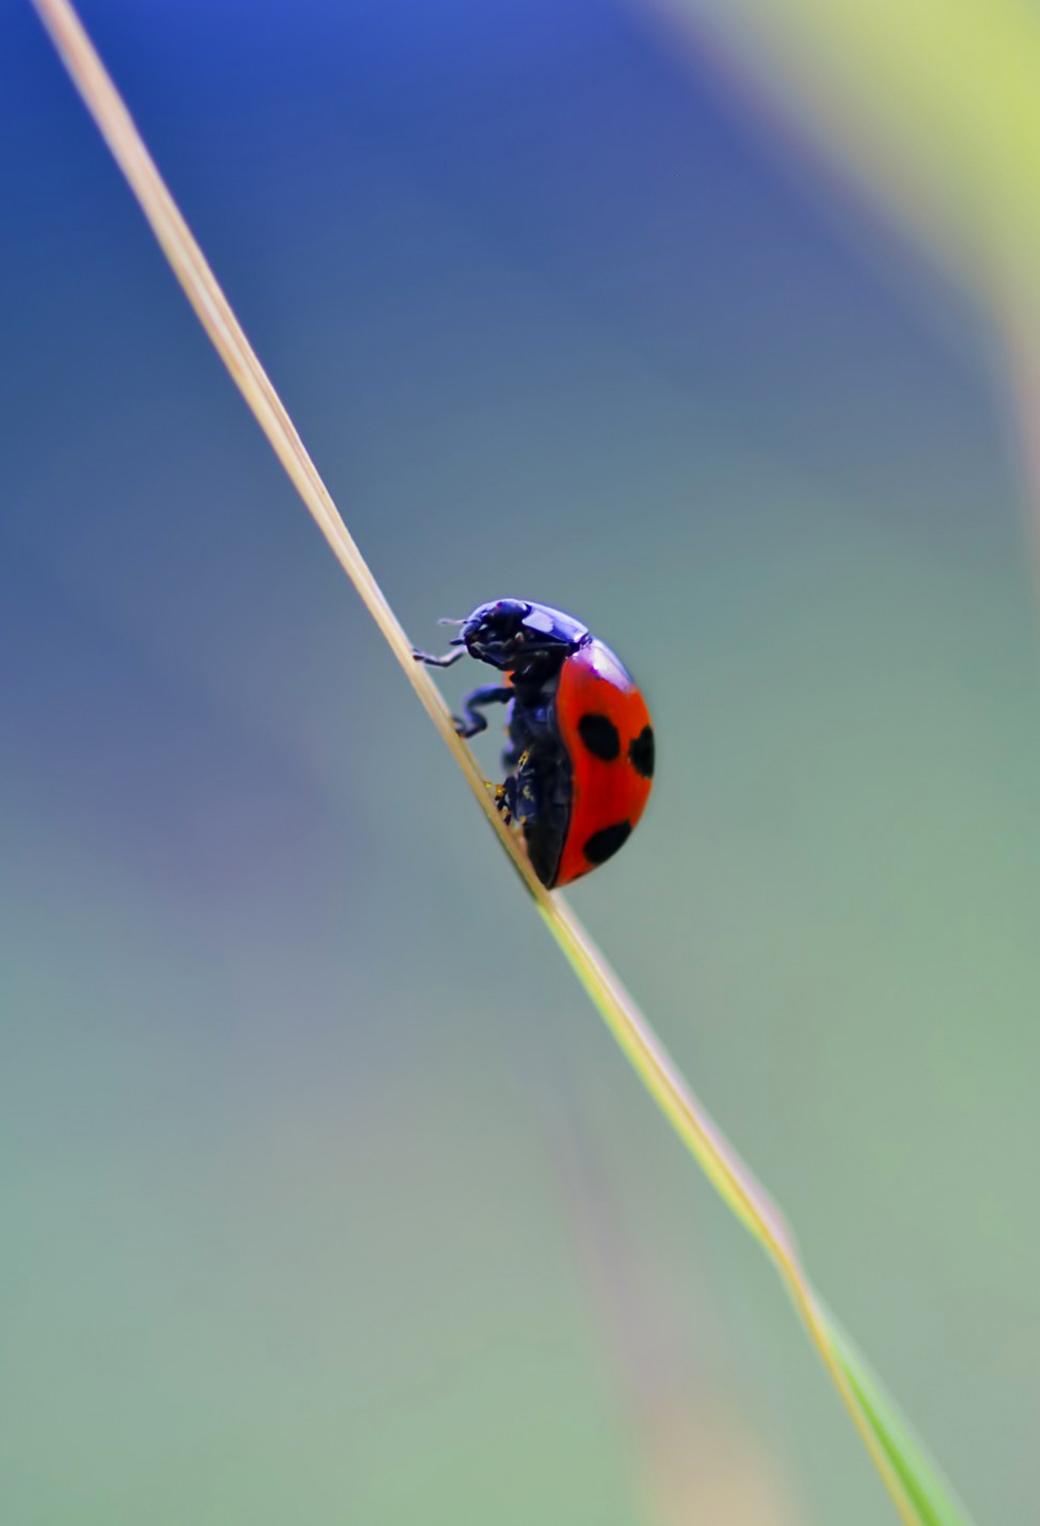 Ladybug 3Wallpapers iphone Parallax Ladybug